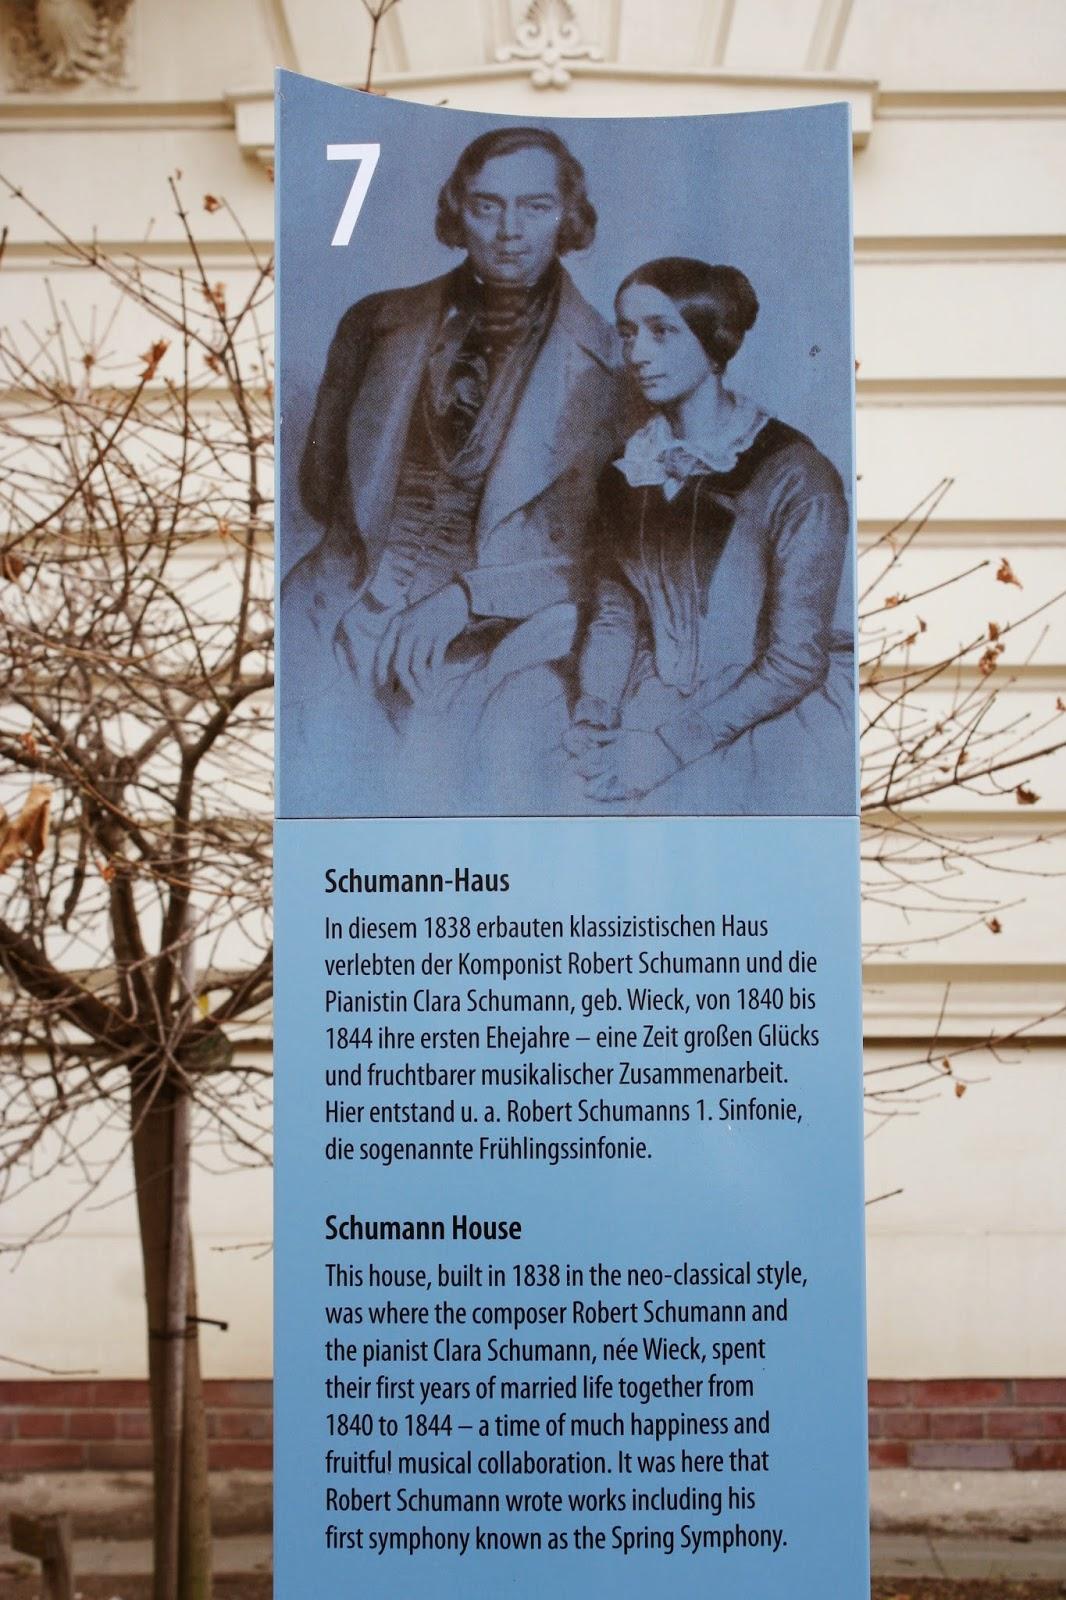 Geschichtstafel zu den Schumanns vor dem Gebäude